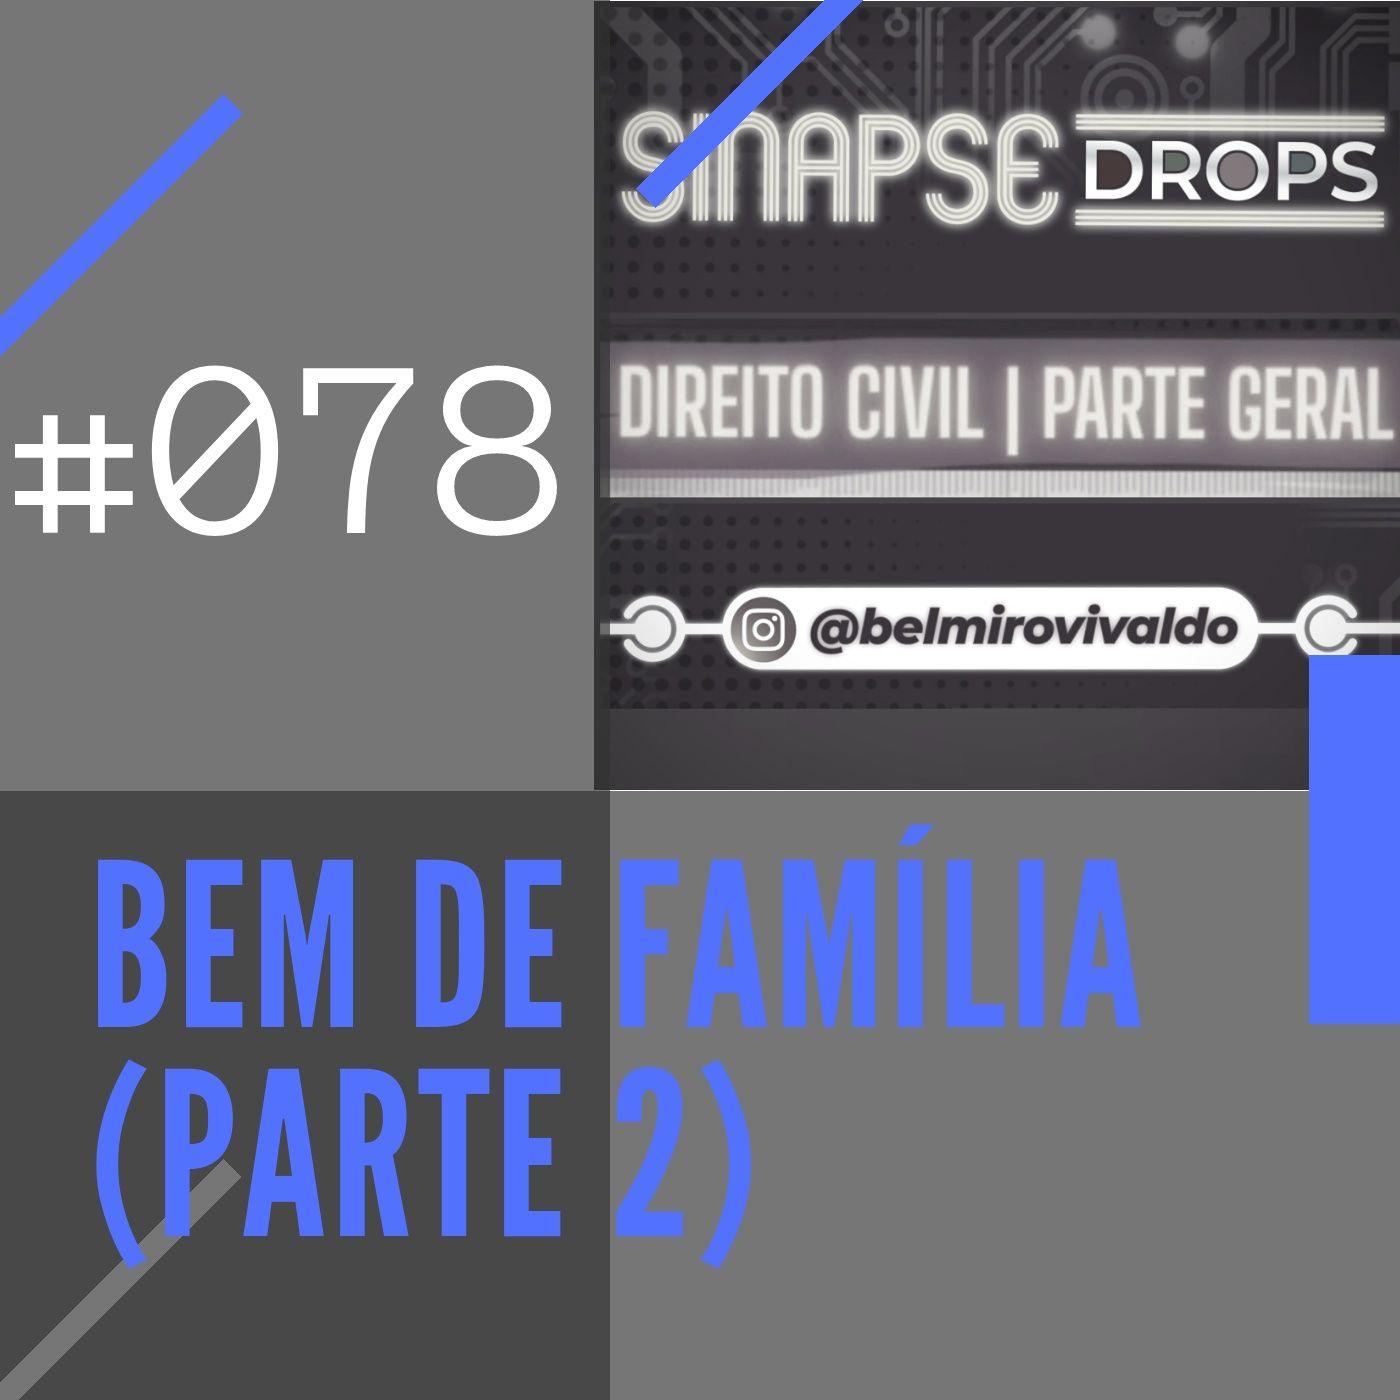 078   Bem de família (Parte 2)